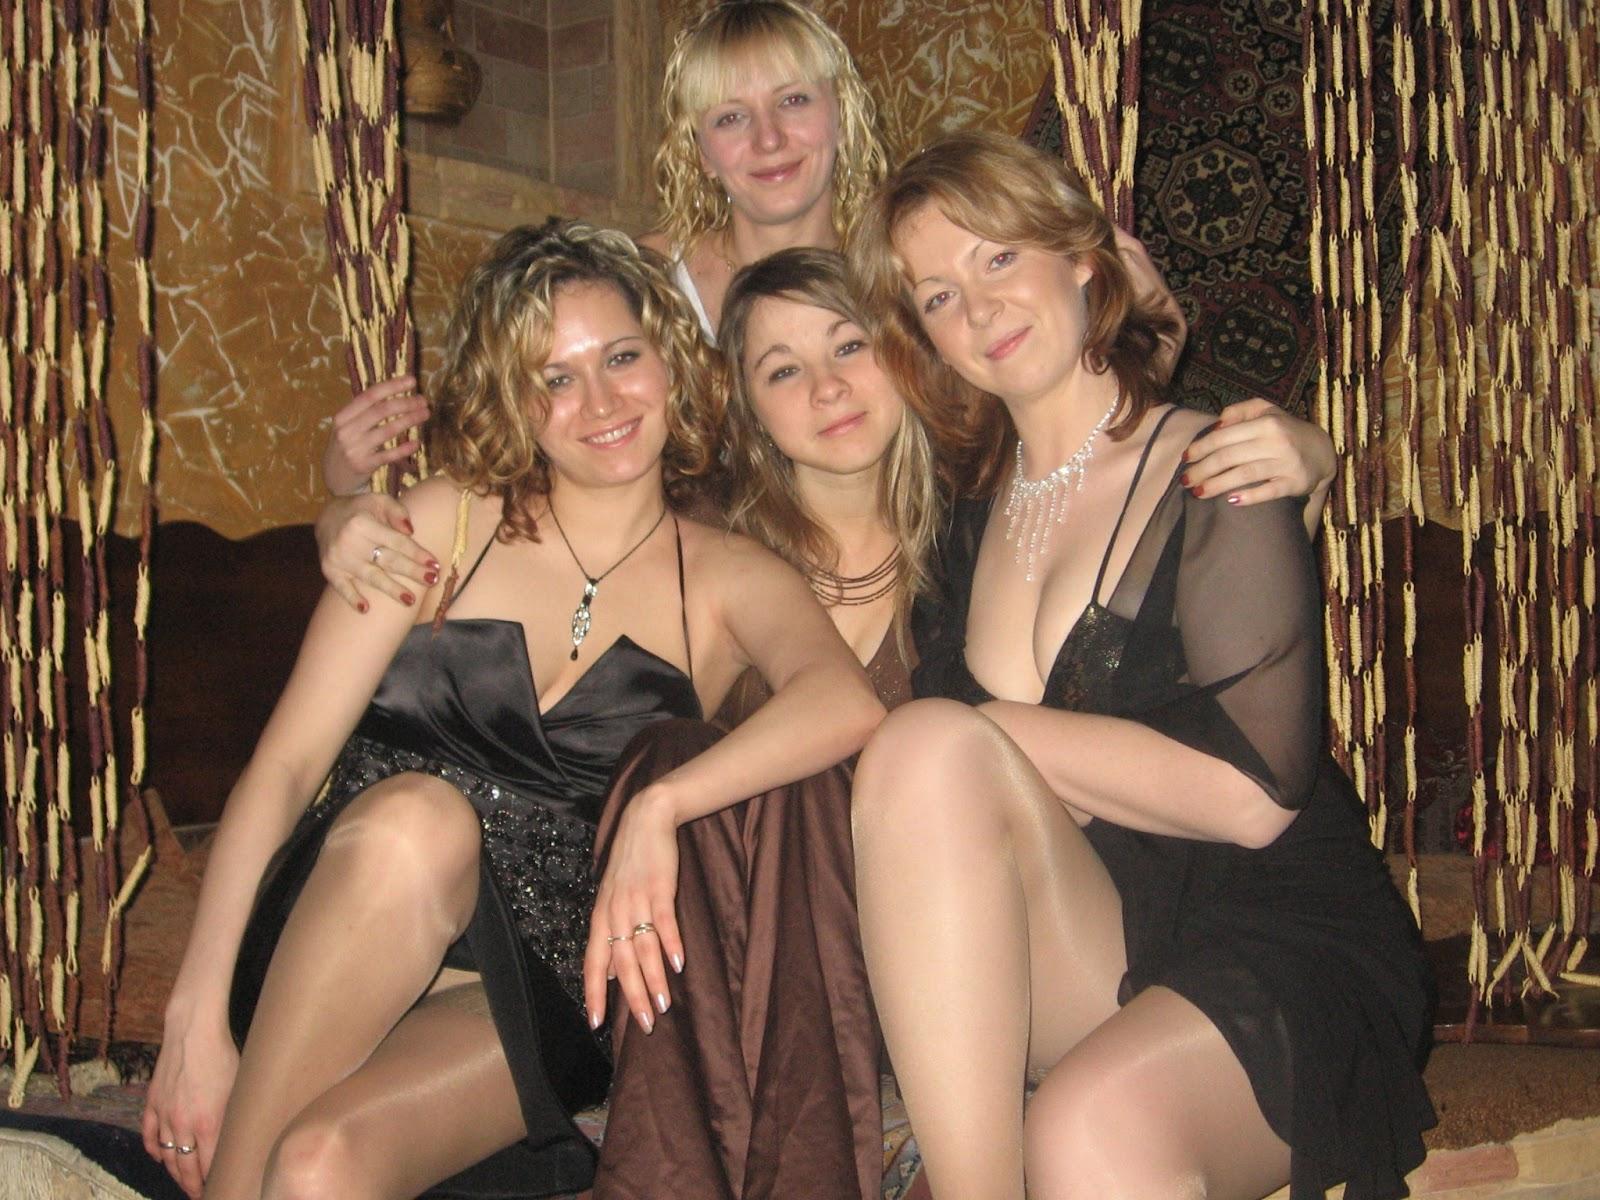 Секс свингеры дома, Русские свингеры домашнее: порно видео онлайн 2 фотография